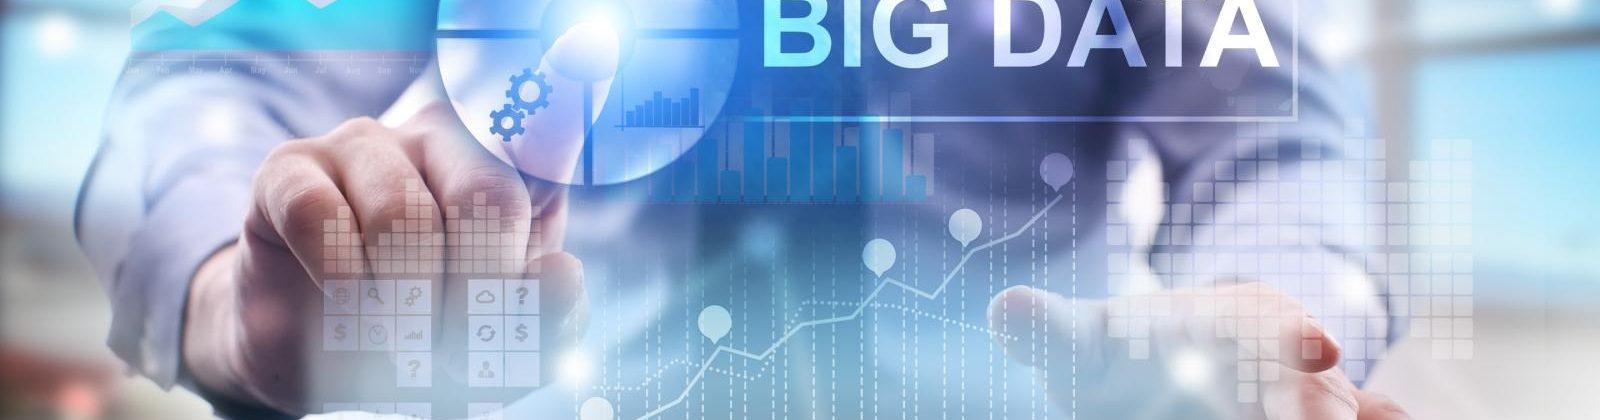 Health Information Management & Data Analytics